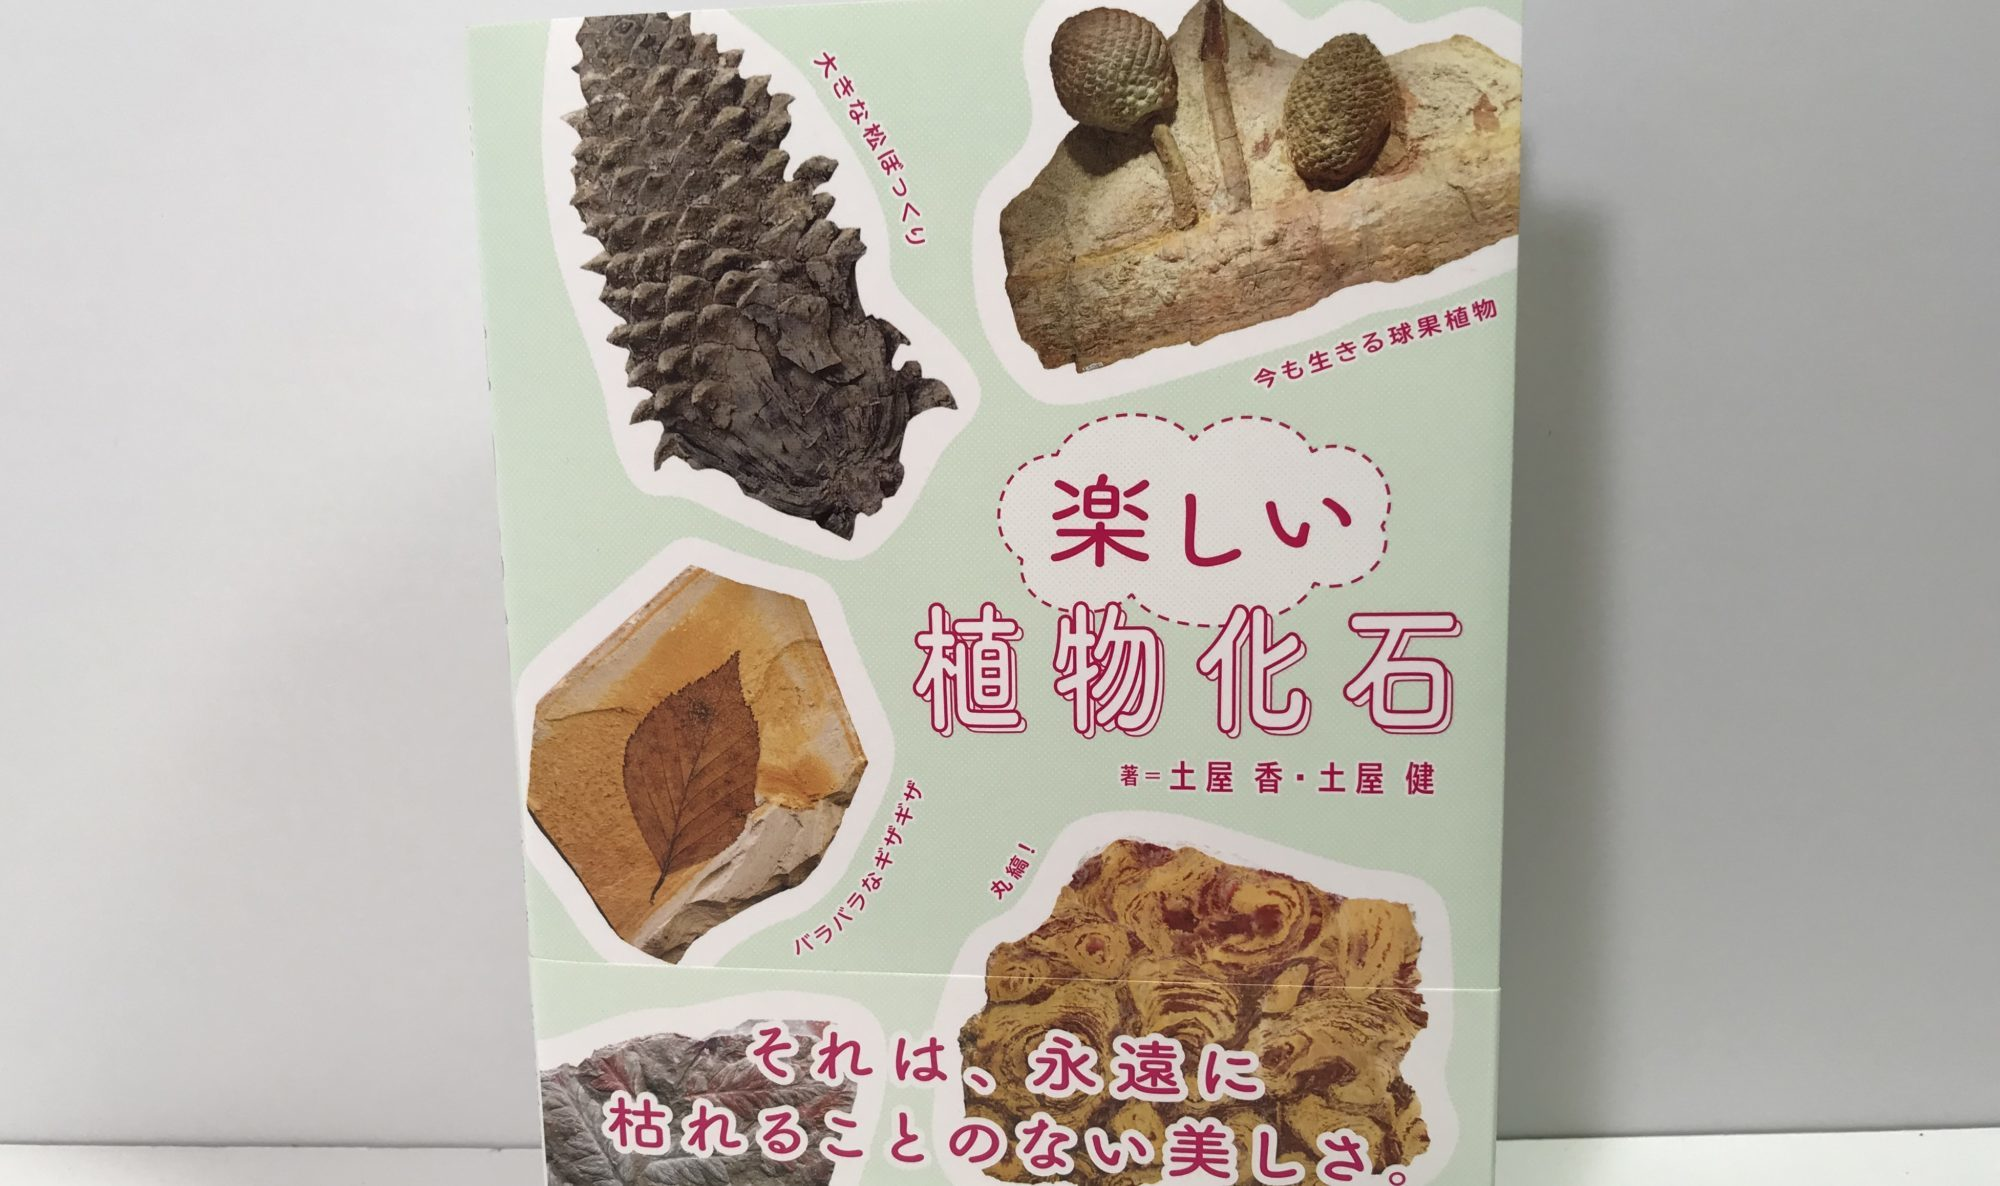 楽しい植物化石 本